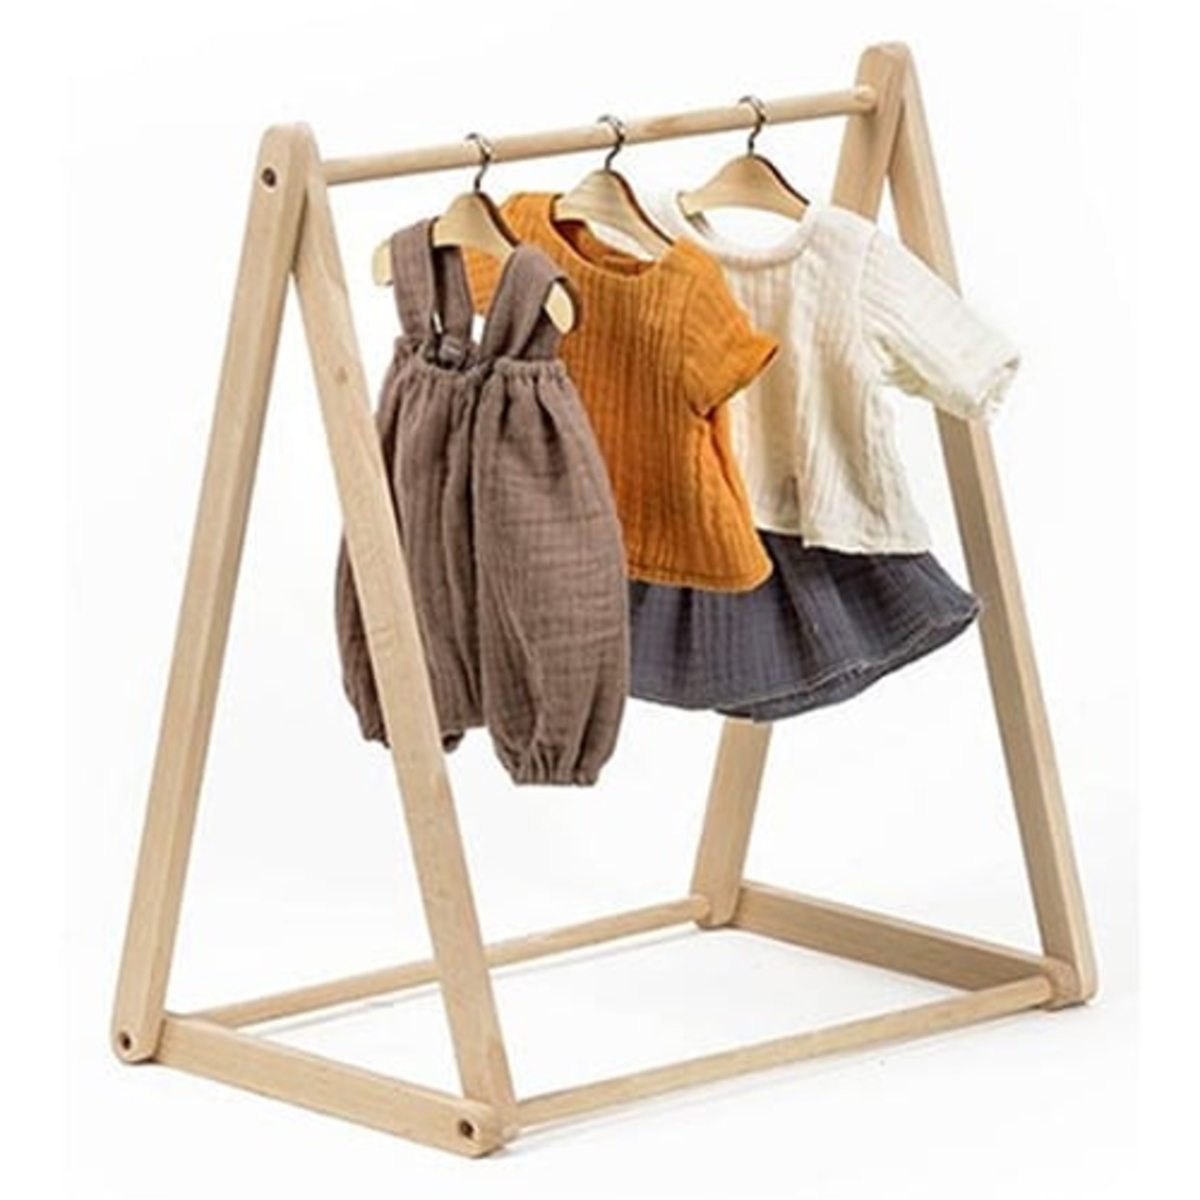 Mes premiers jouets Porte-vêtements pour Poupée en Bois - Naturel Porte-vêtements pour Poupée en Bois - Naturel